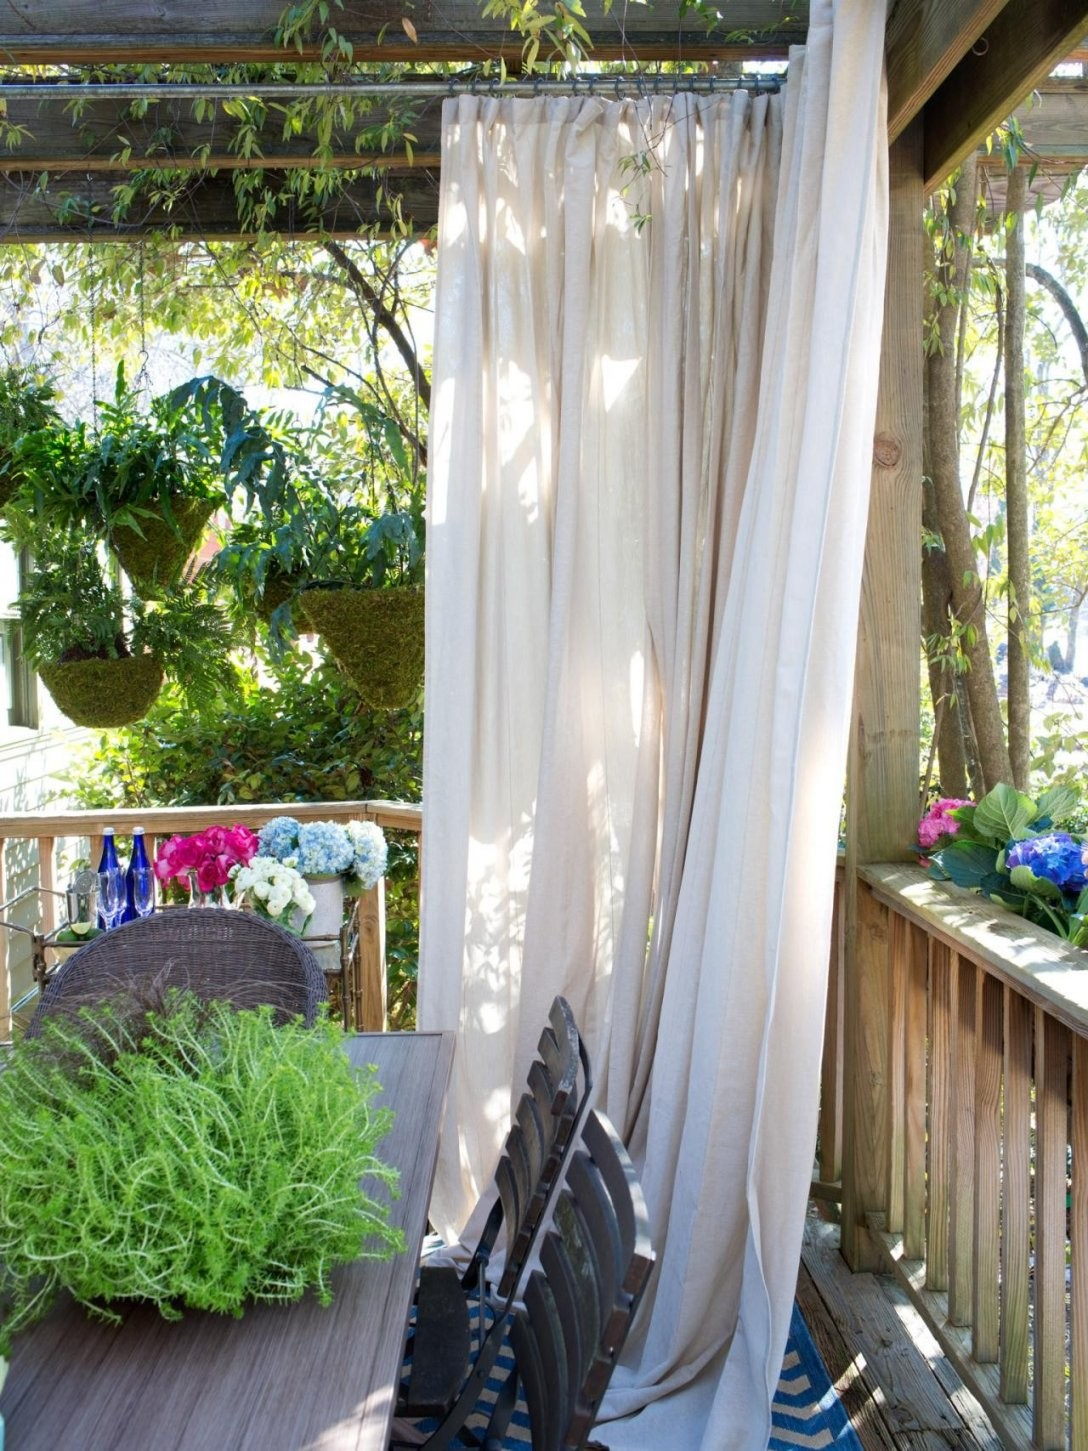 Backyard Privacy Ideas Ist Tolle Design Von Sichtschutz Balkon von Sichtschutz Für Balkon Selber Machen Bild